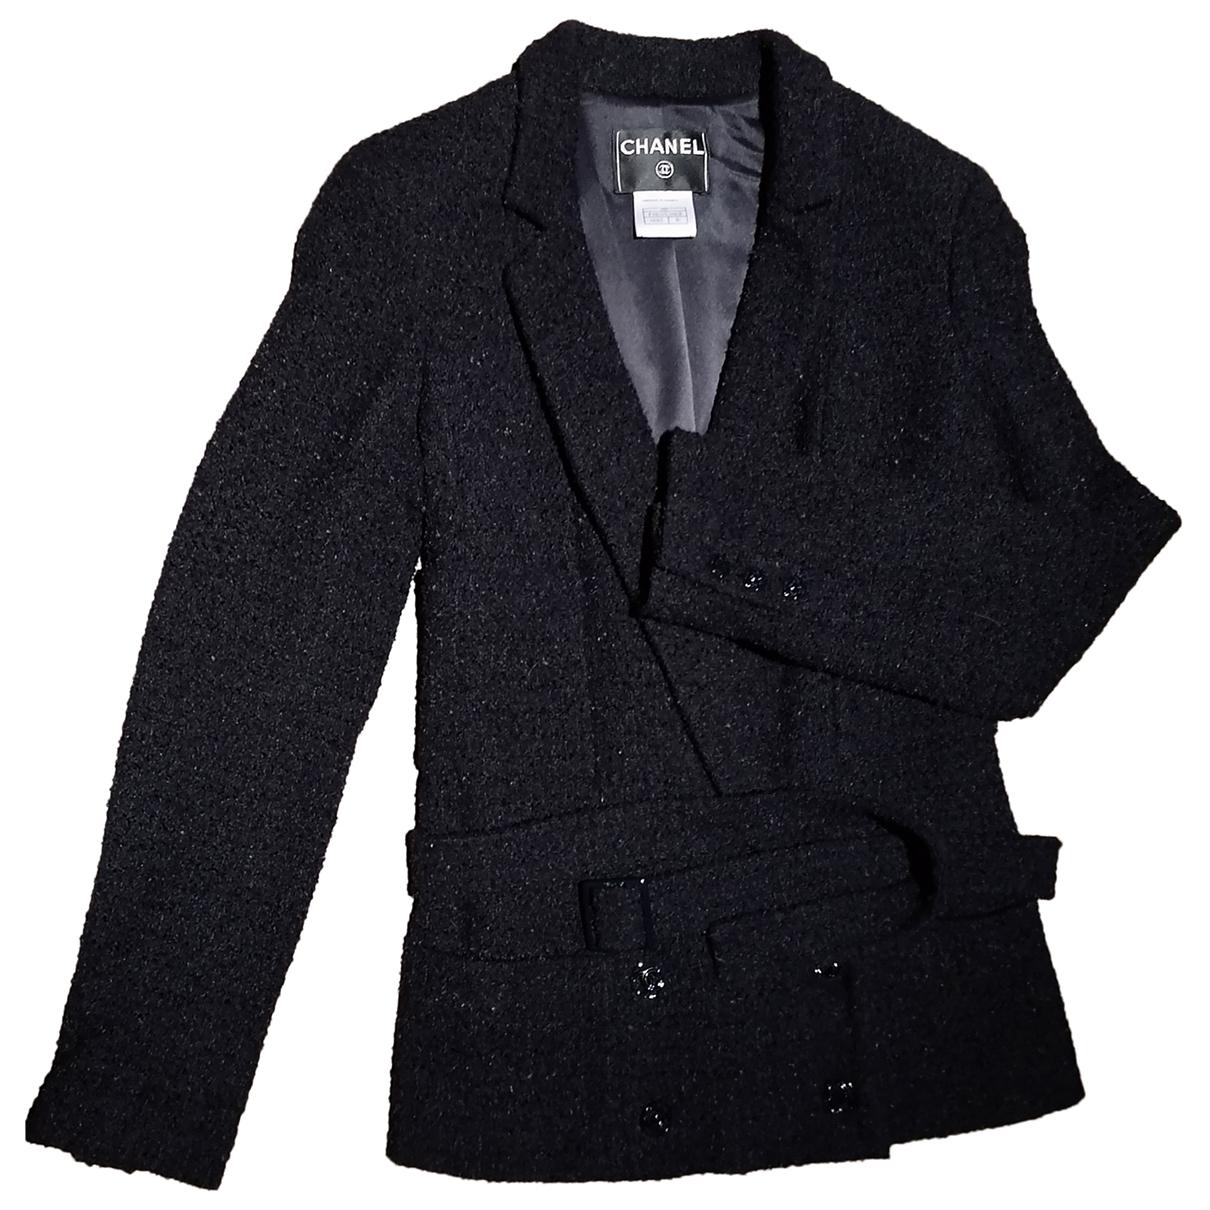 Chanel \N Black Wool jacket for Women 40 FR